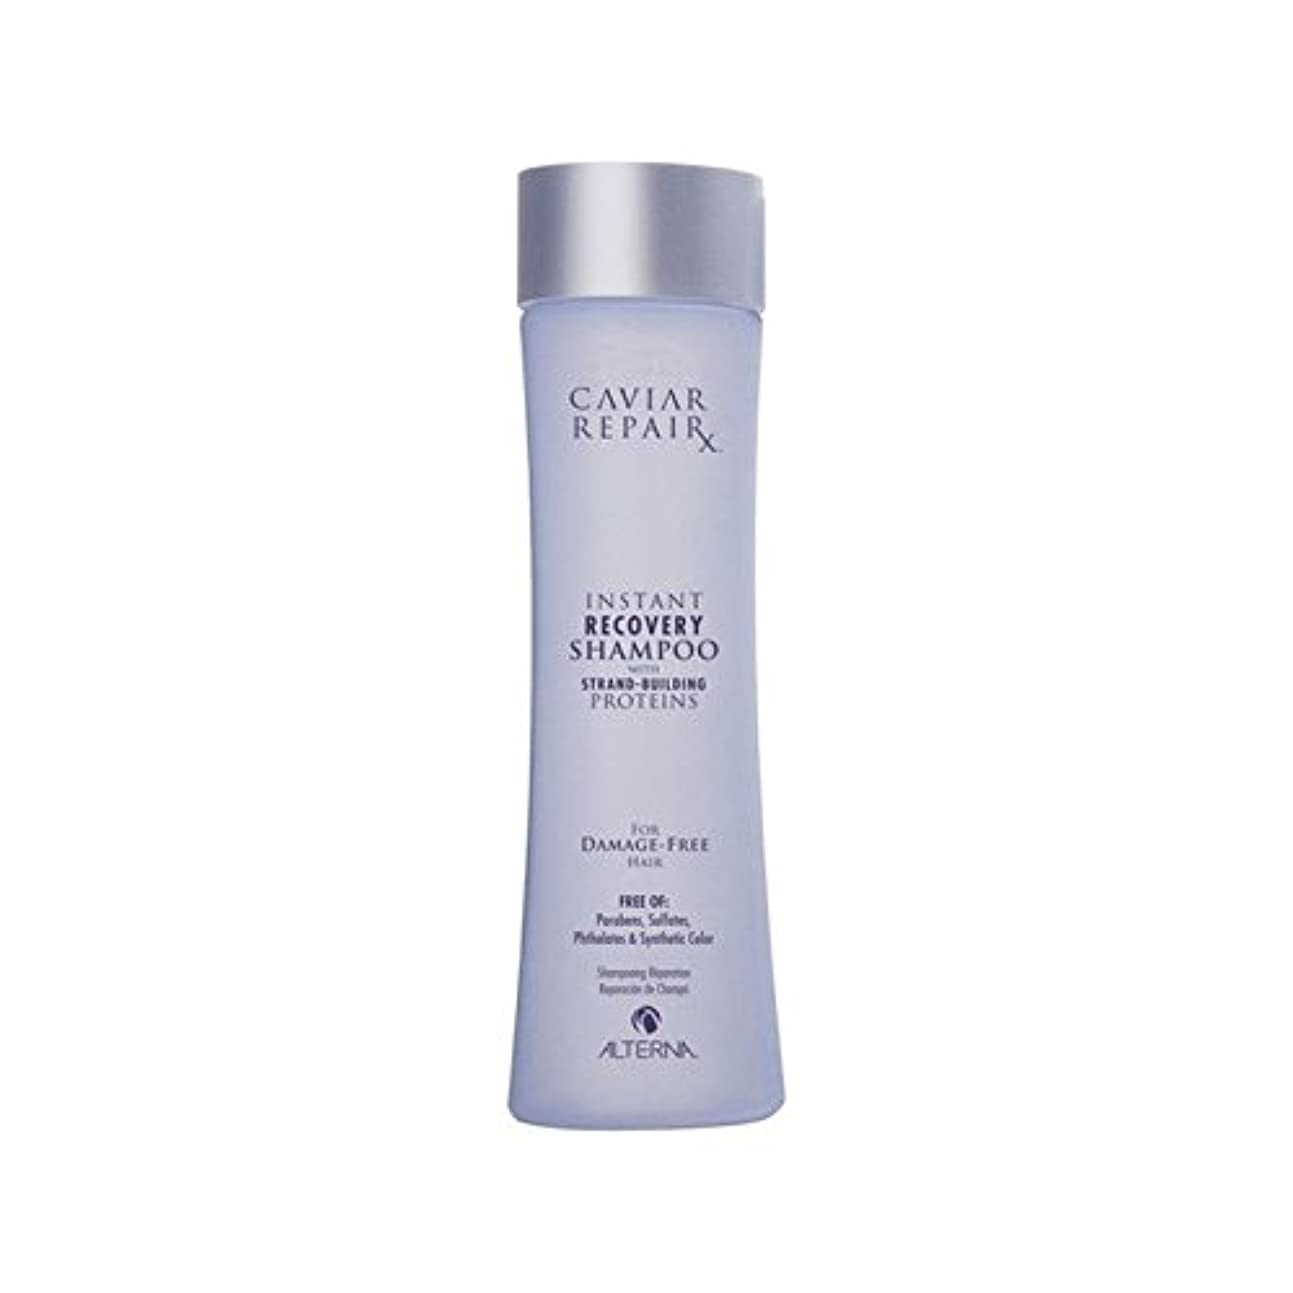 クール記念日石油Alterna Caviar Repairx Instant Recovery Shampoo 250ml - オルタナキャビアインスタントリカバリシャンプー250 [並行輸入品]